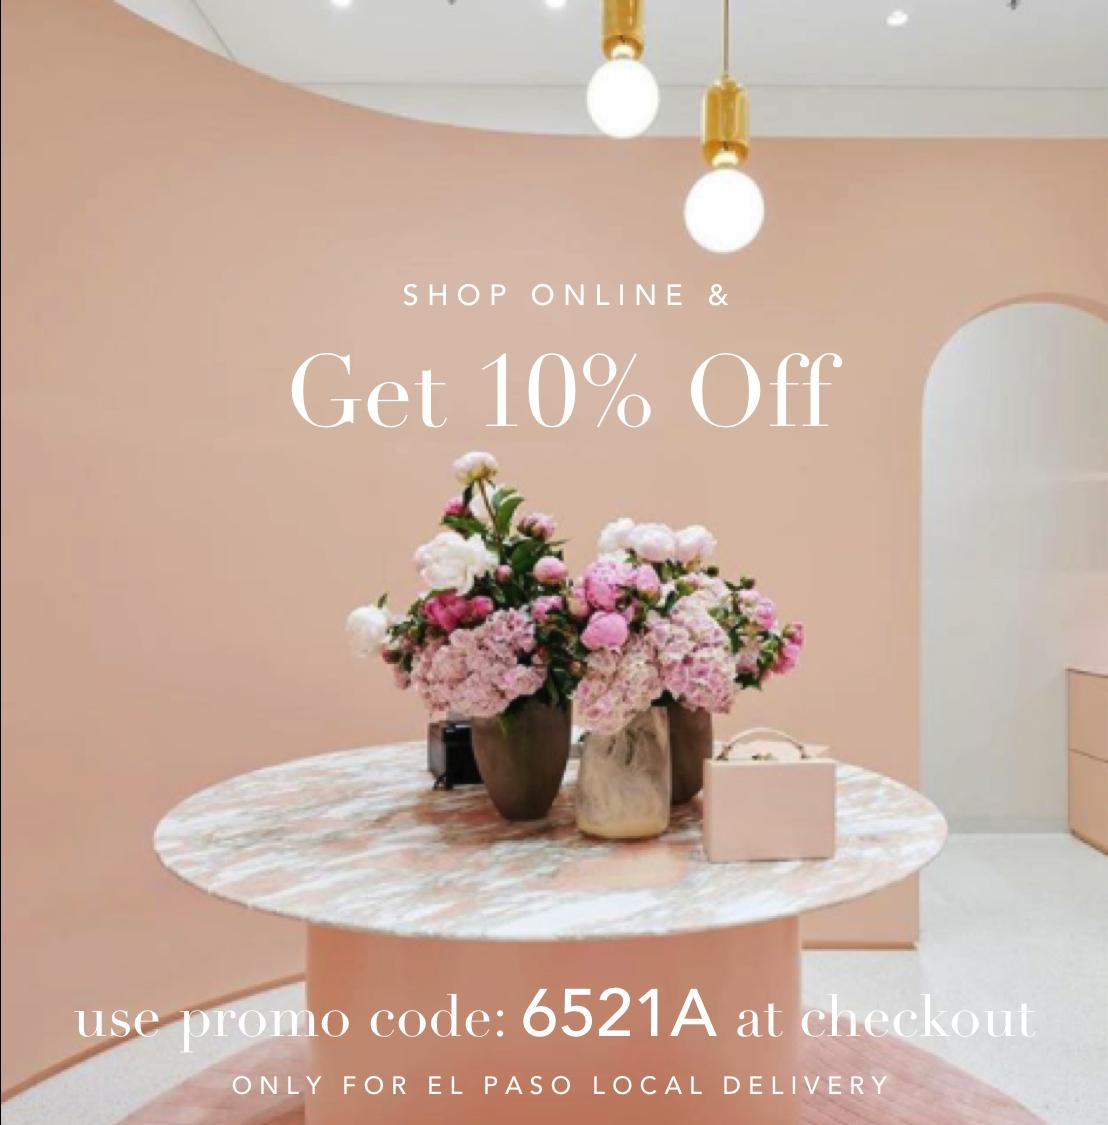 angies-floral5-designs-shop-online-el-paso-florist-79912-charming-ladder-escalera-de-rosas-elegante-flower.png